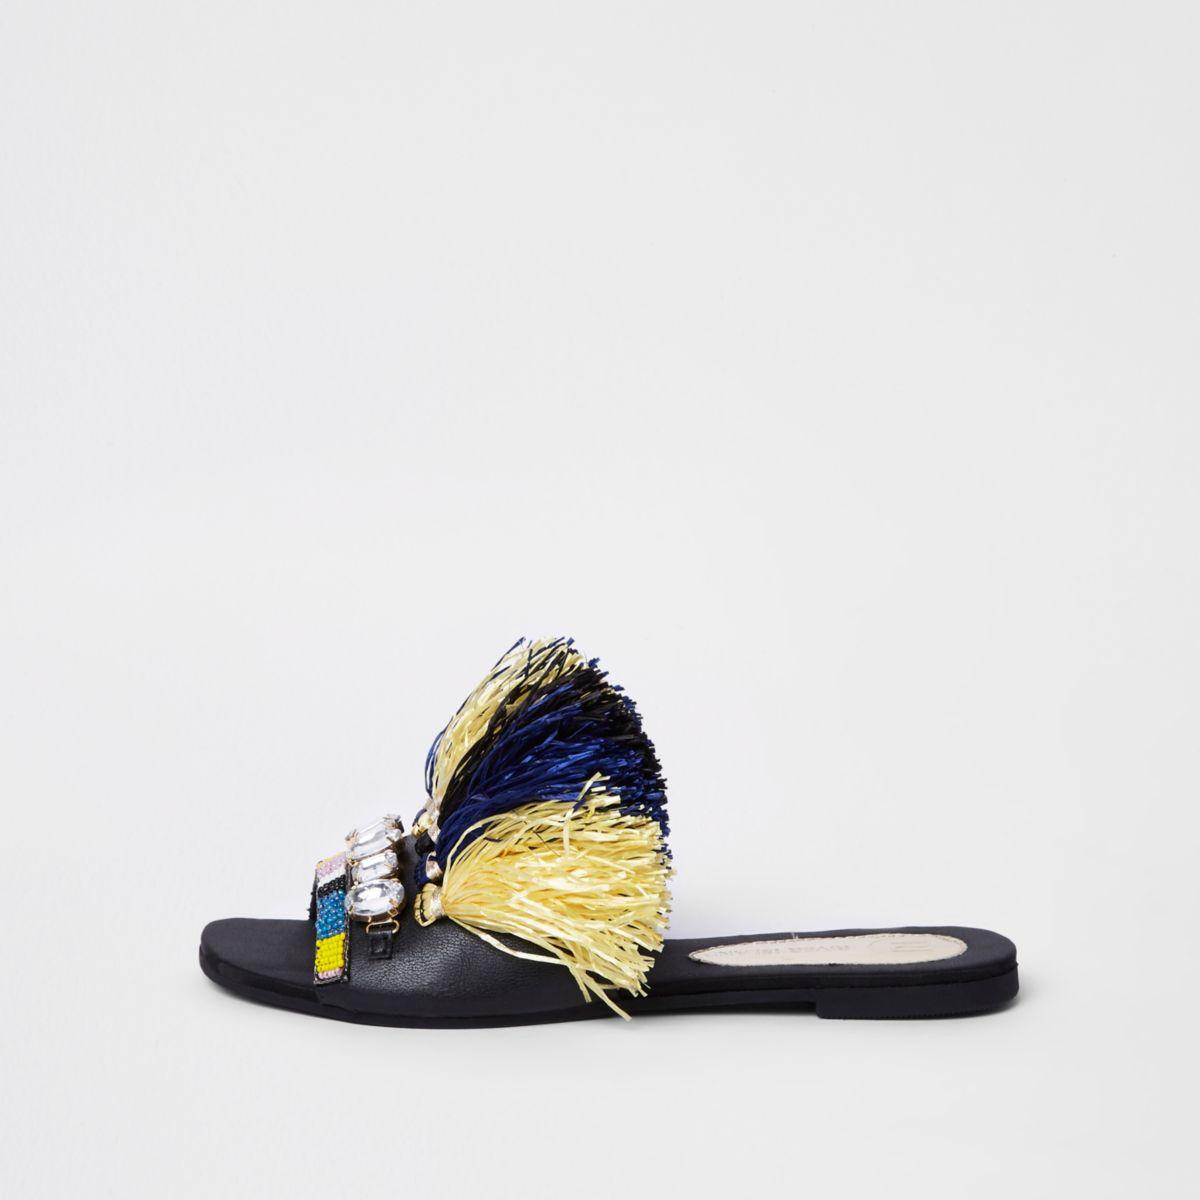 Donkerblauwe versierde sandalen met franje